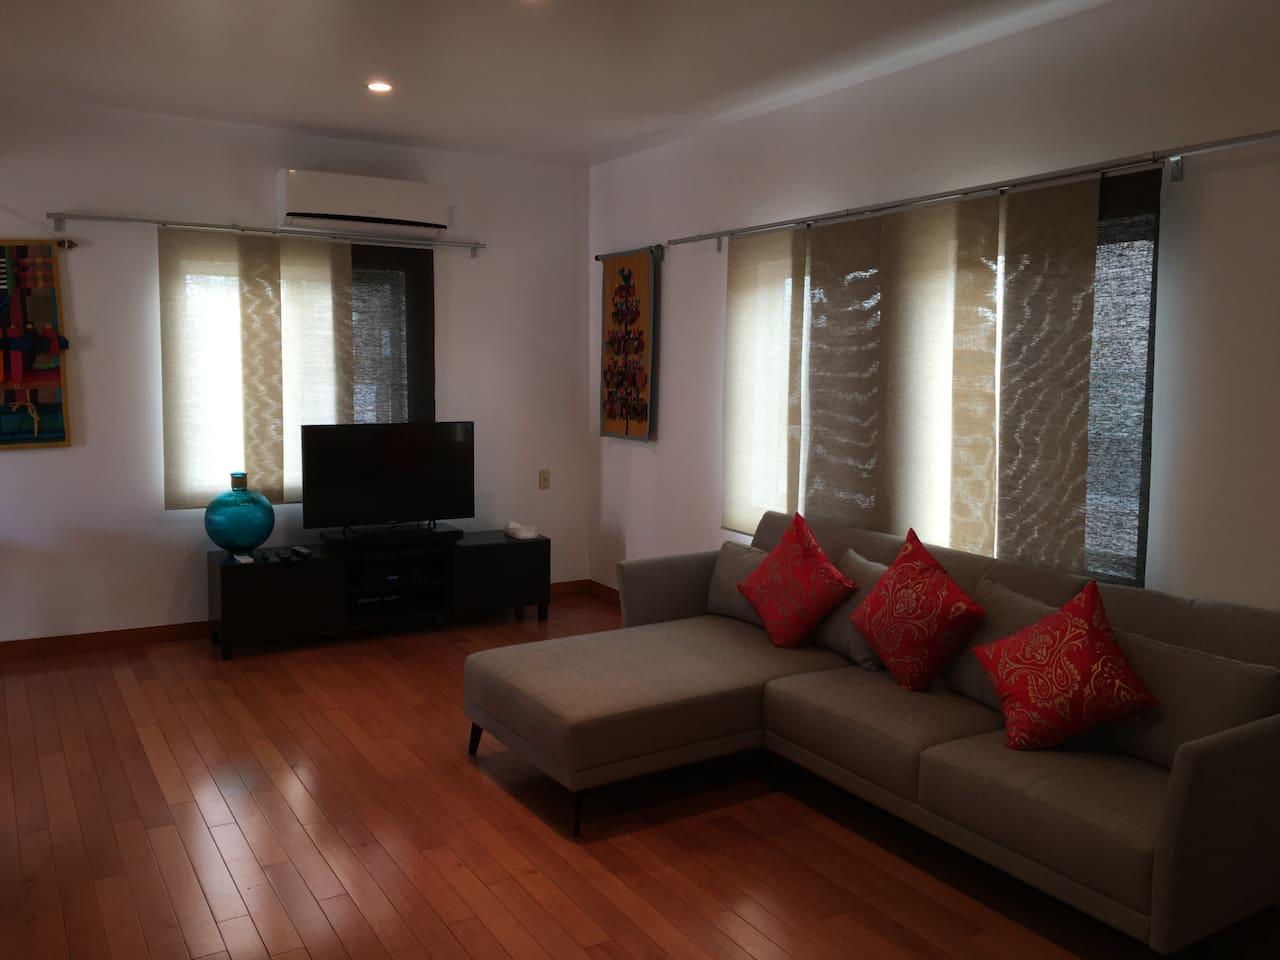 Living Room hard wood floors